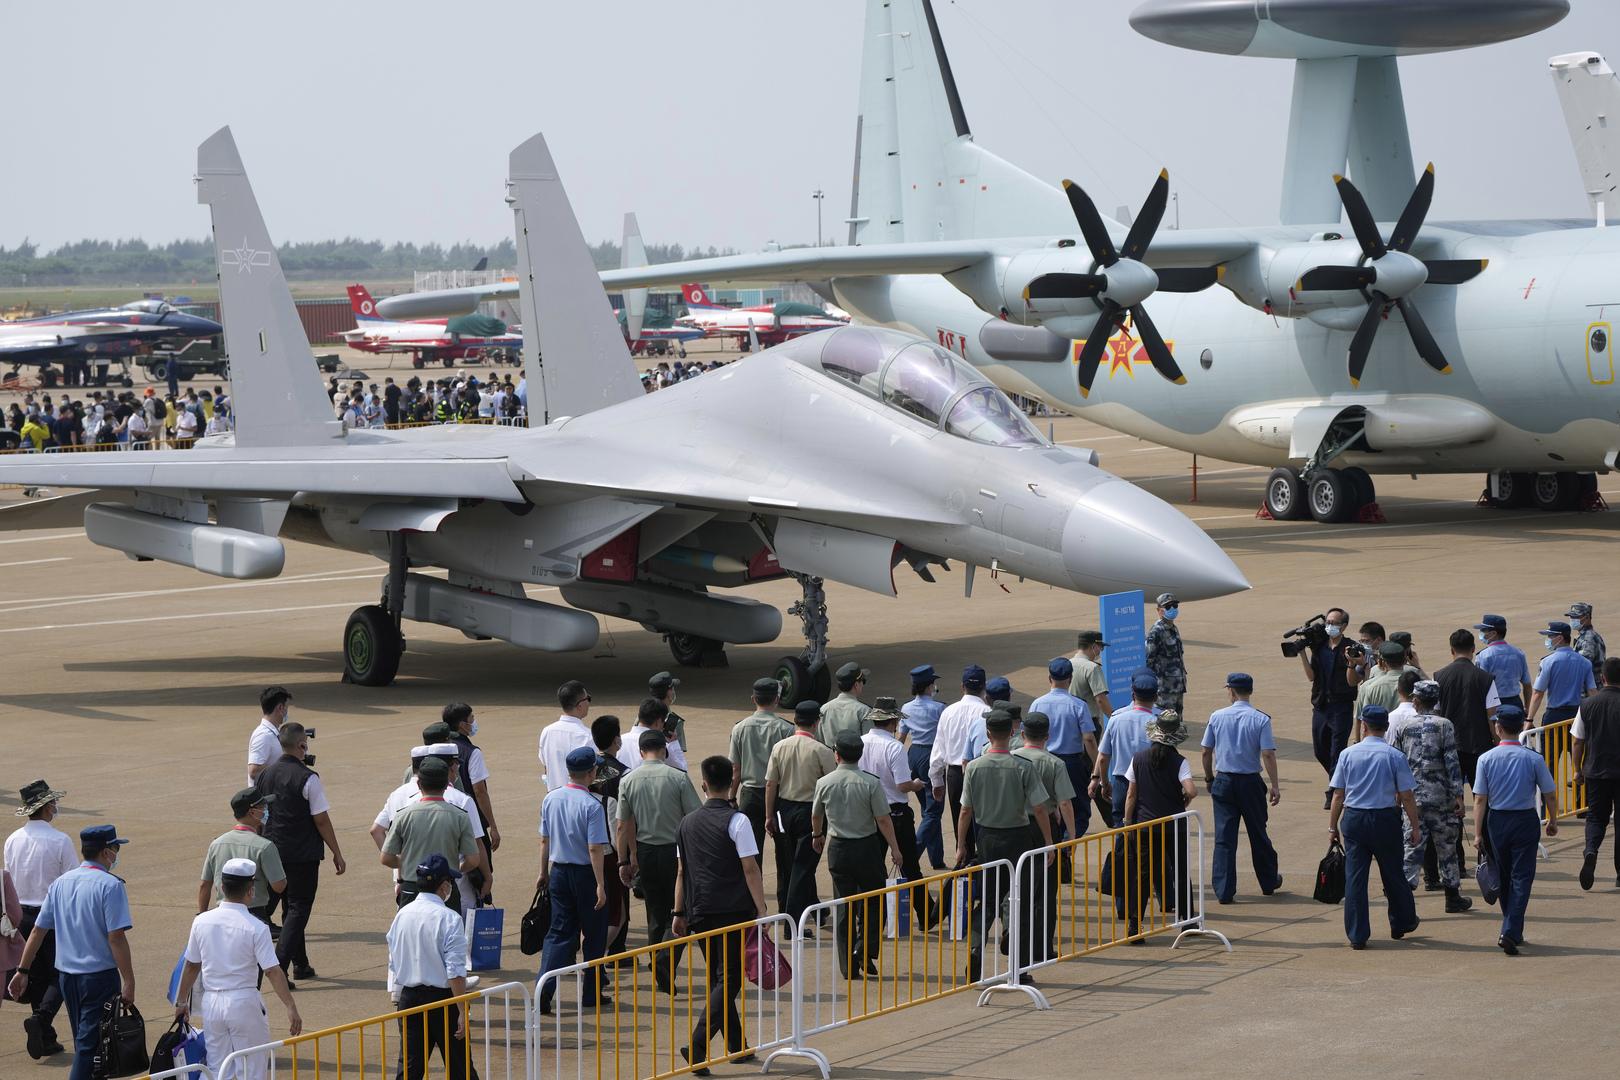 الصين.. معرض جوي يرفع السرية عن مسيرات وأسلحة وصاروخ فضائي